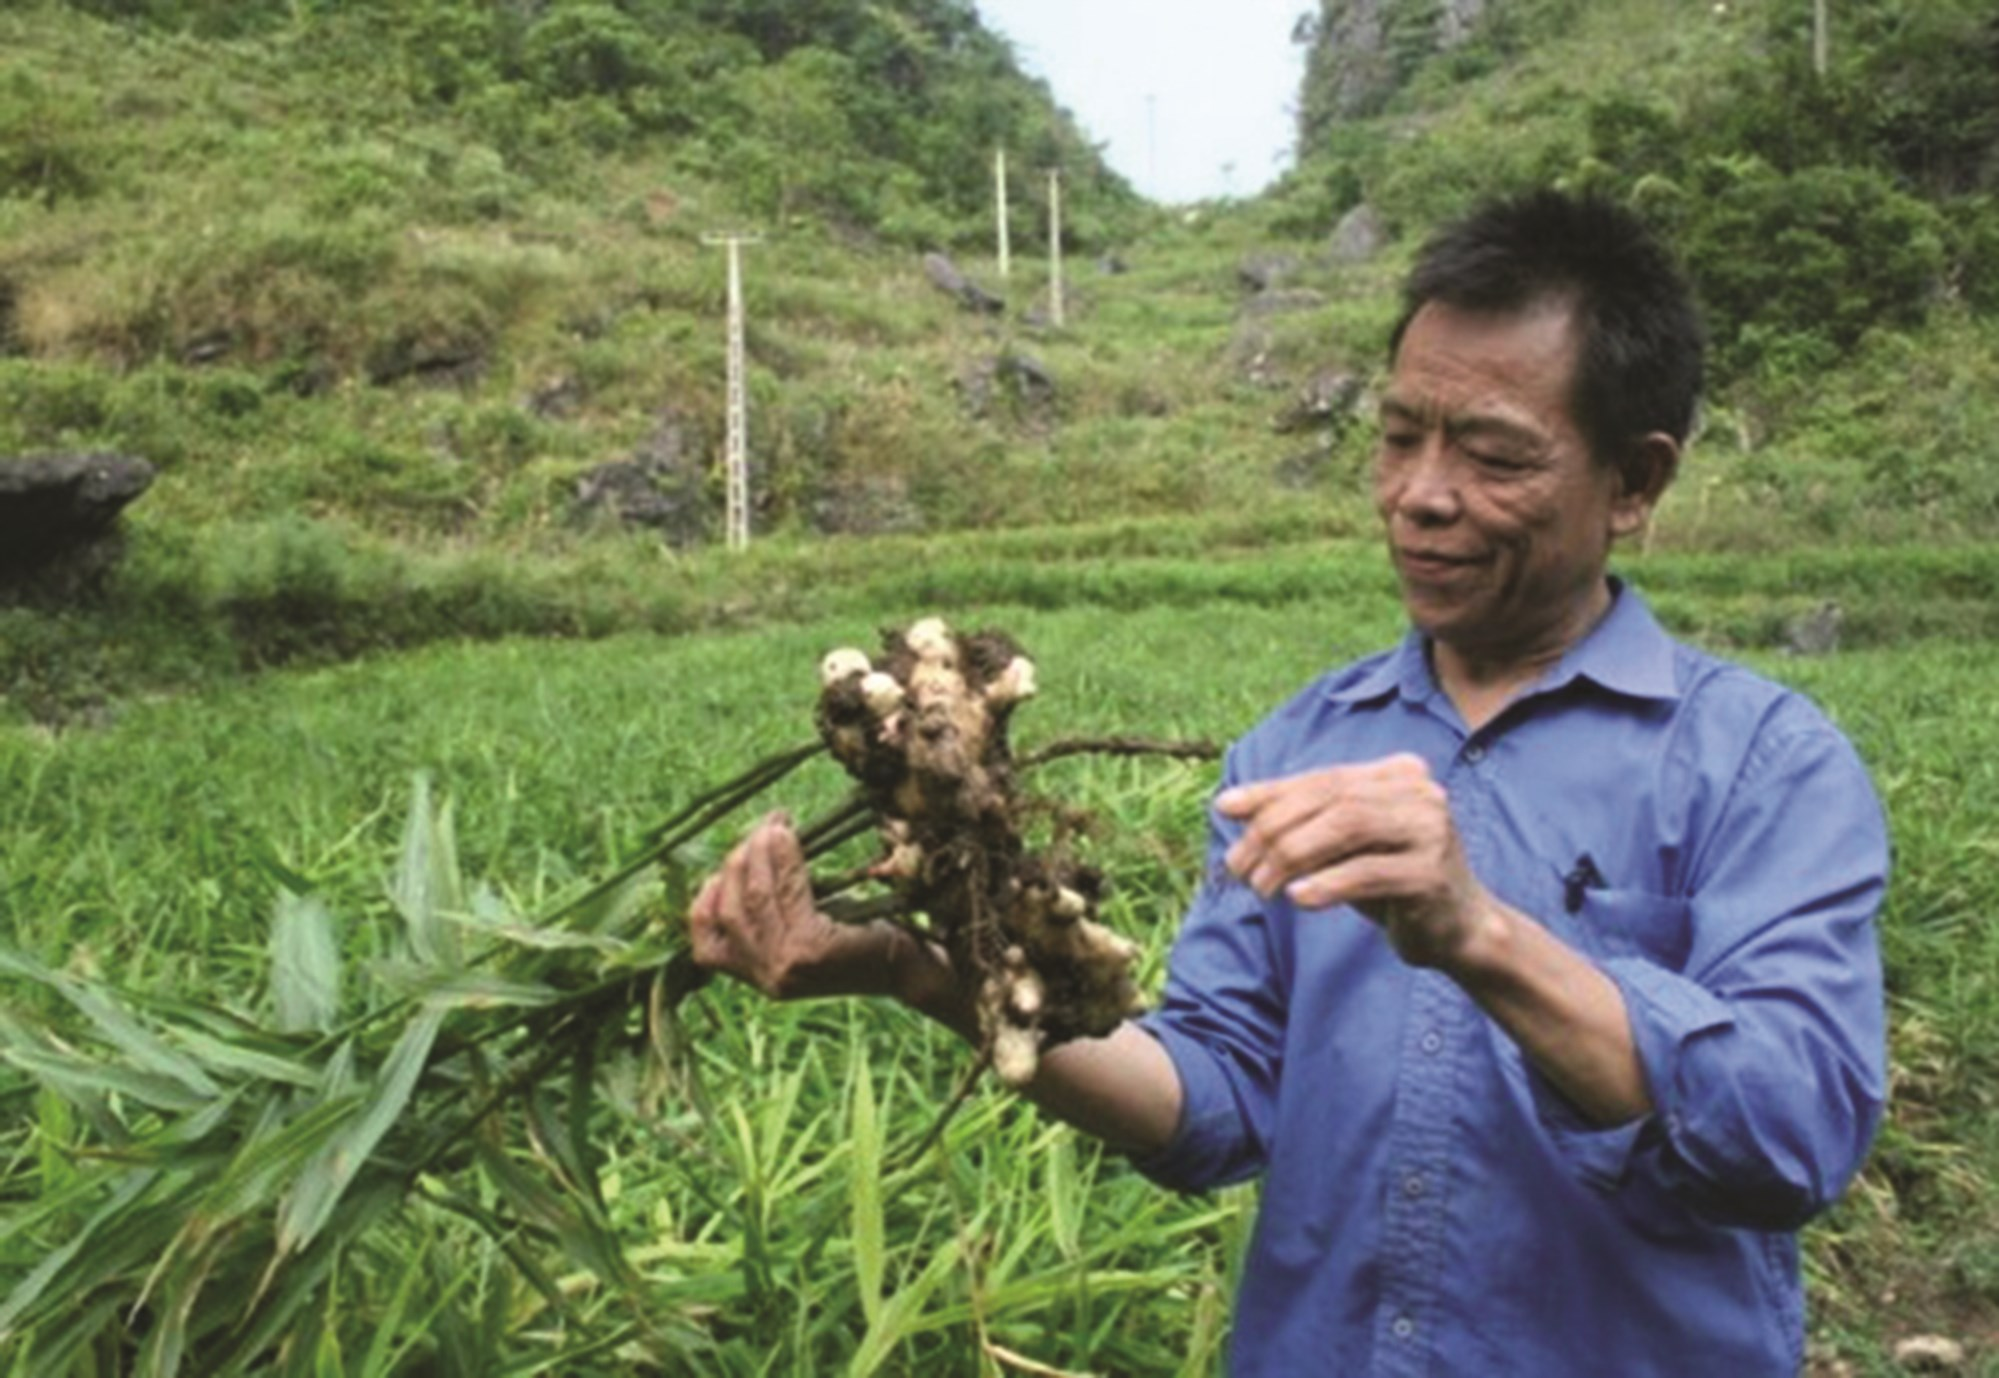 Mô hình trồng gừng hữu cơ giúp người dân xã Vân An, huyện Hà Quảng (Cao Bằng) có thu nhập ổn định.